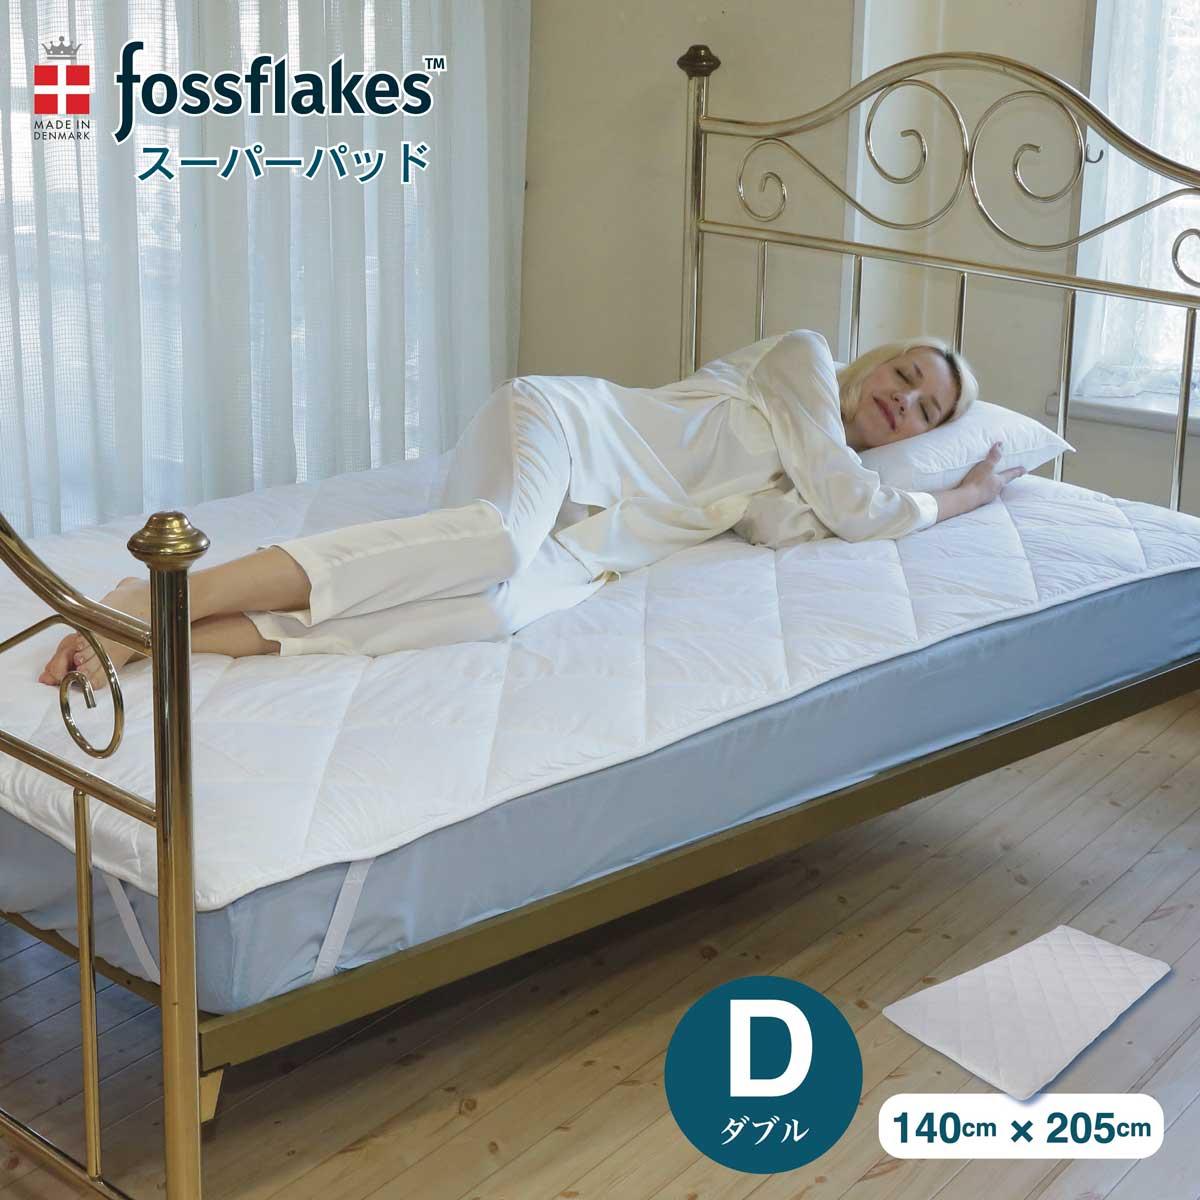 あす楽 送料無料 寝具の上に重ねるだけ眠りの質を格段にアップ 直送商品 ふわふわの詰物で極上の寝心地 ノンアレルギー素材で安心 フォスフレイクス 敷パッド スーパーパッド 140x205cm fossflakes ダブル 期間限定今なら送料無料 丸洗い デンマーク ホテル仕様 北欧寝具